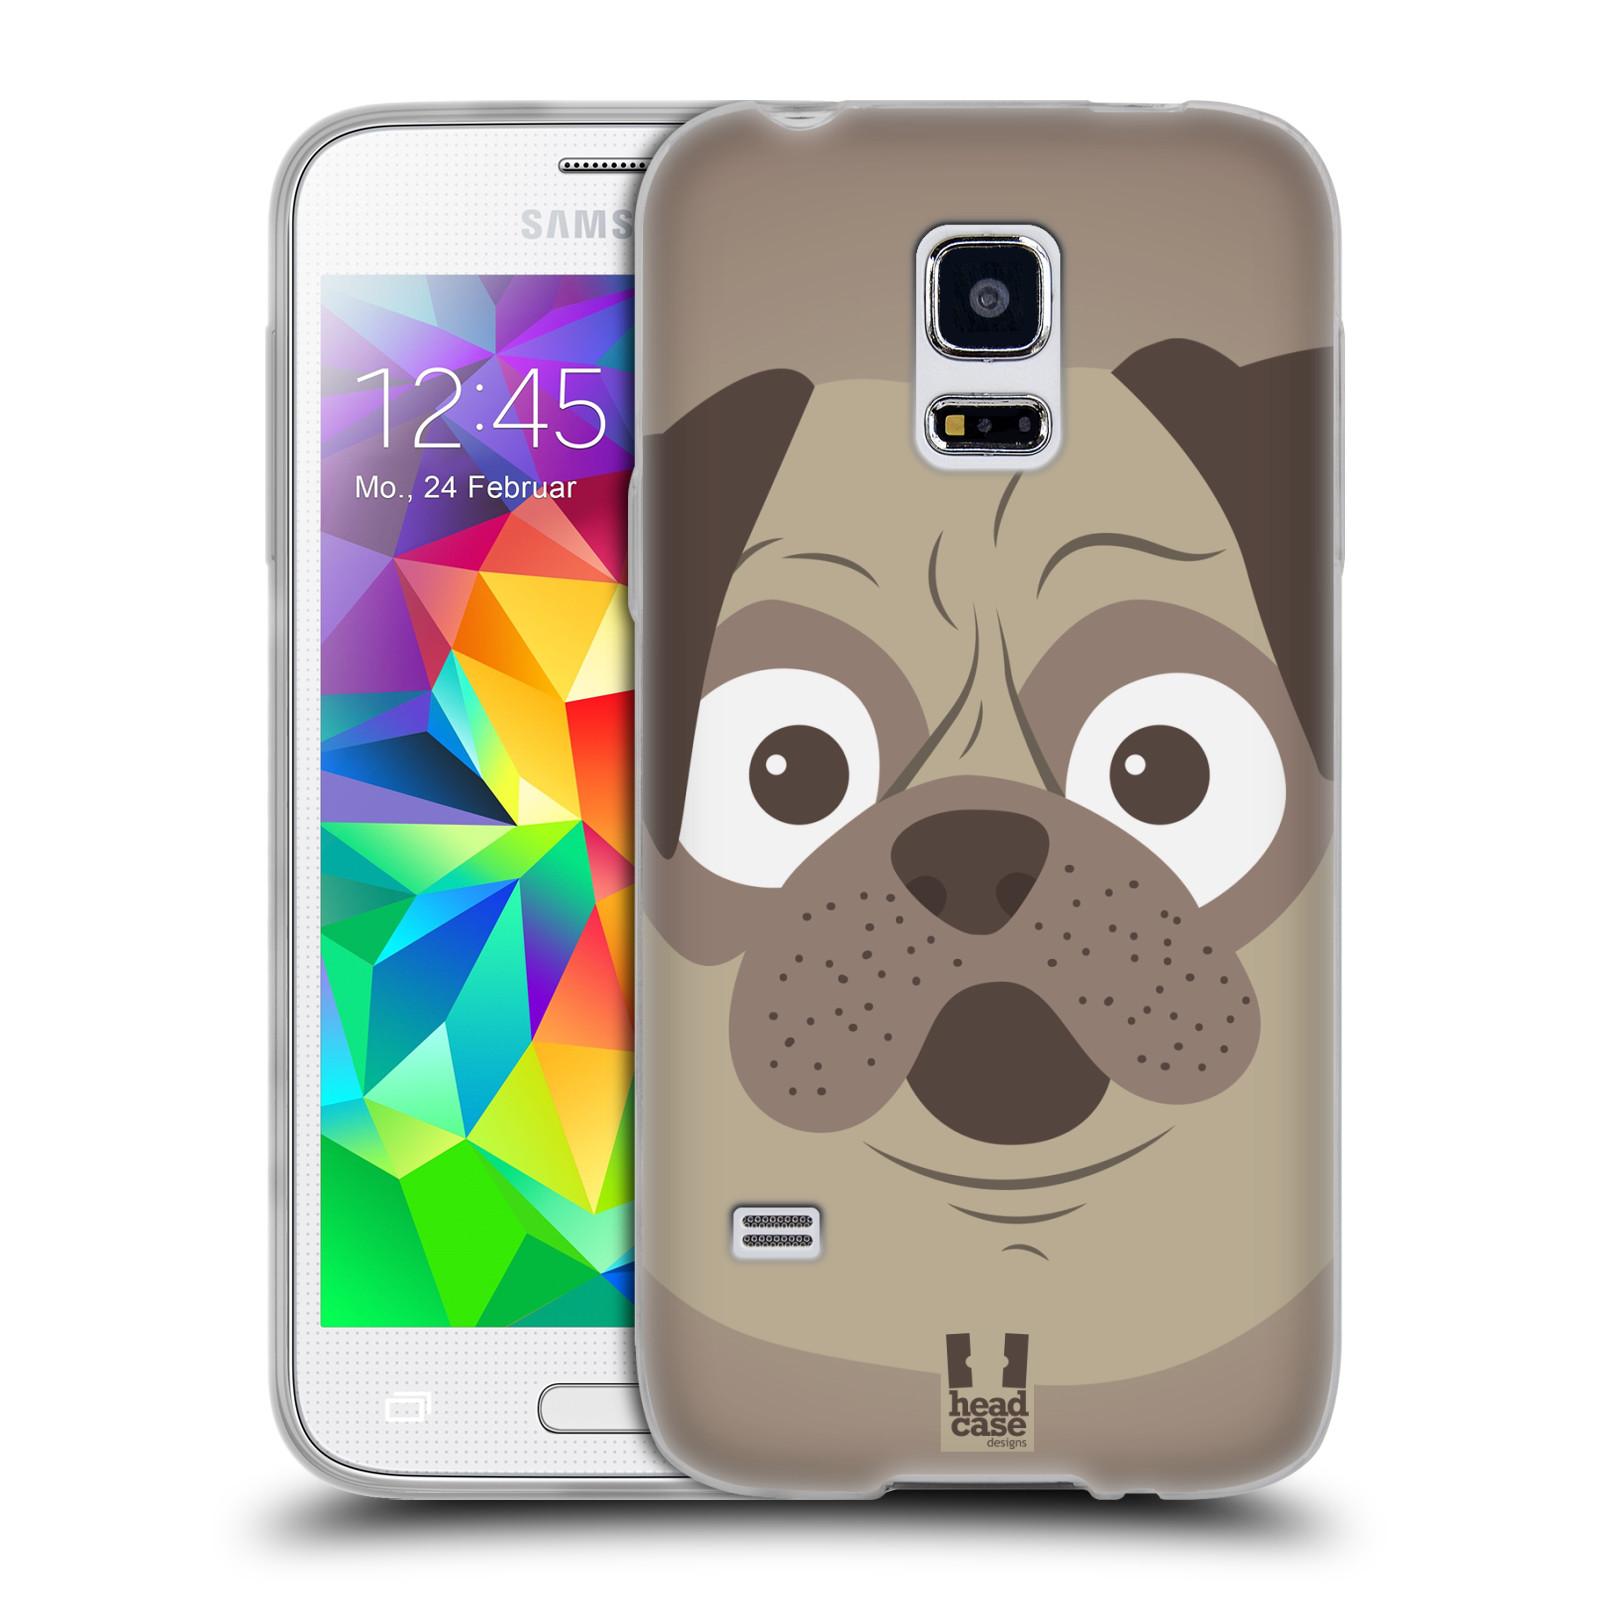 HEAD CASE silikonový obal na mobil Samsung Galaxy S5 MINI vzor Cartoon Karikatura barevná kreslená zvířátka pes mopsík